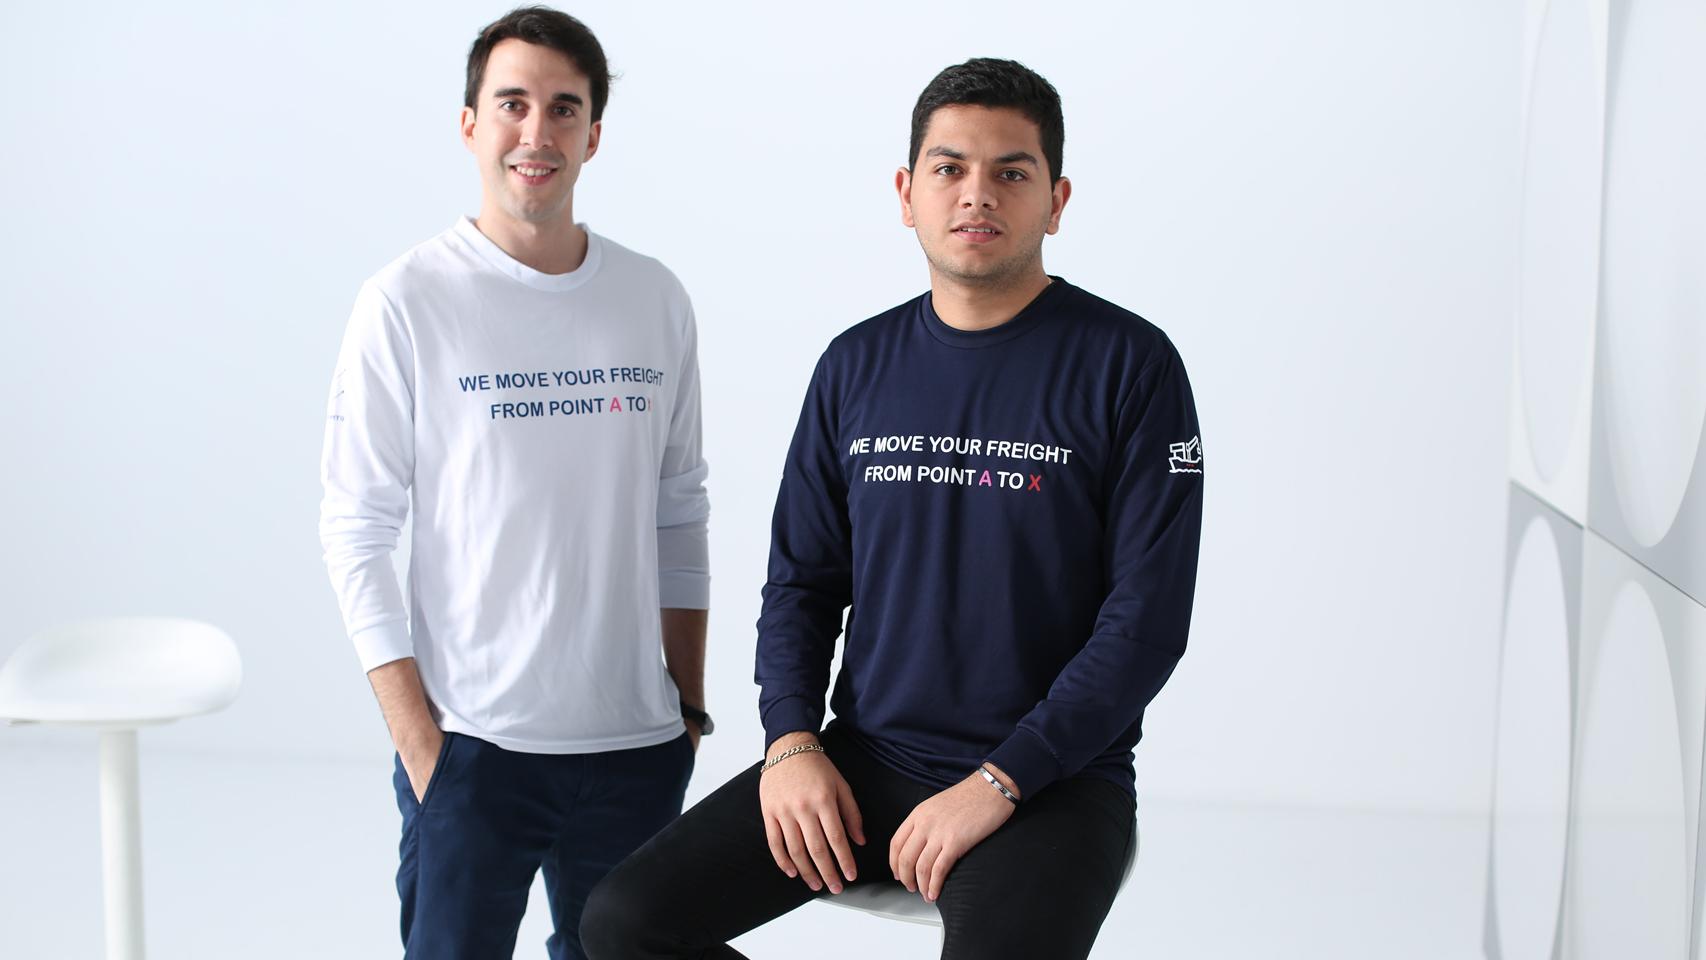 Maximiliano Casal y Alfonso de los Ríos, fundadores de NowPorts.